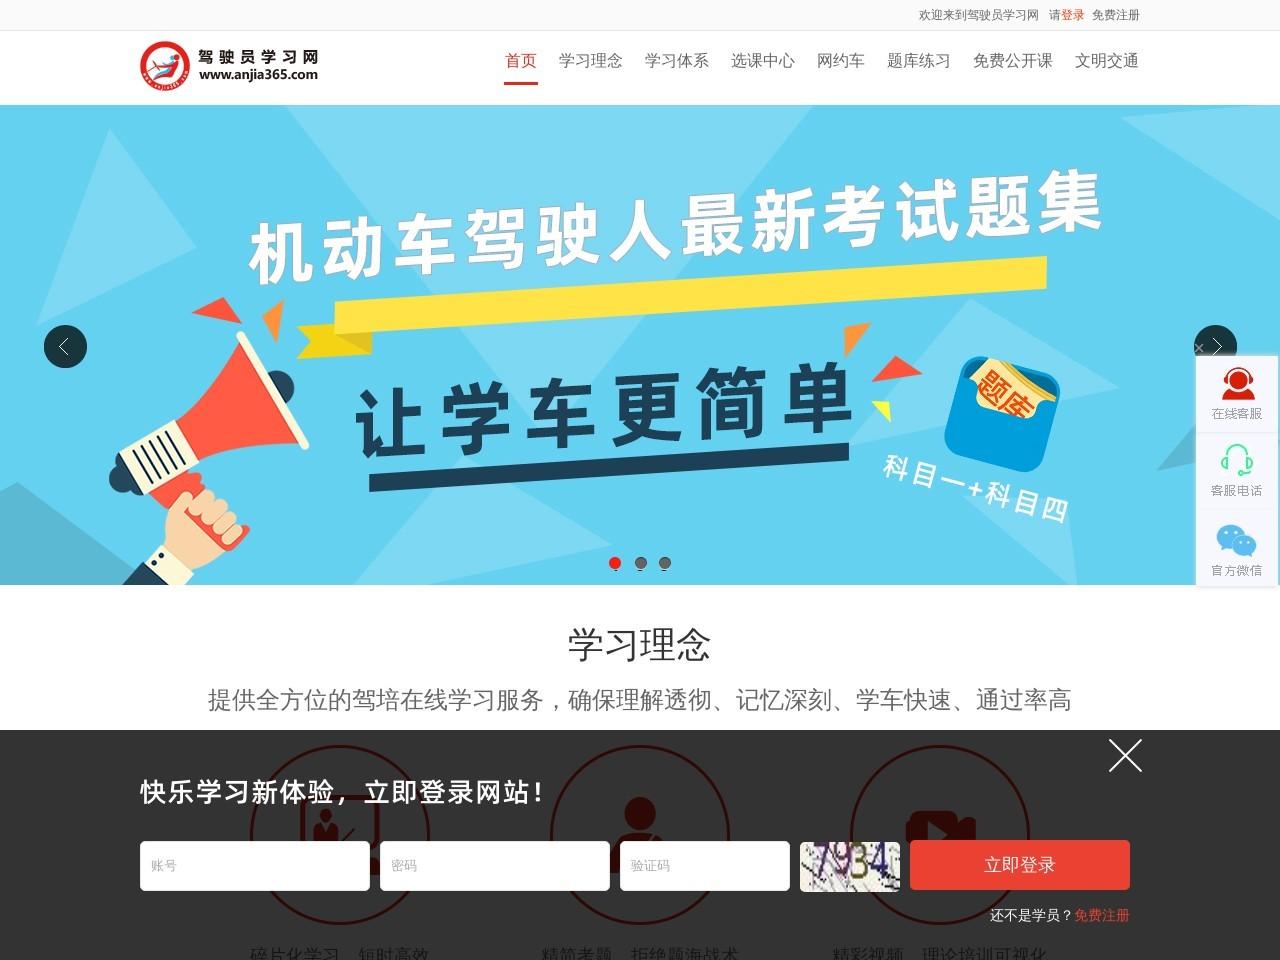 中国驾驶员学习网-登录截图